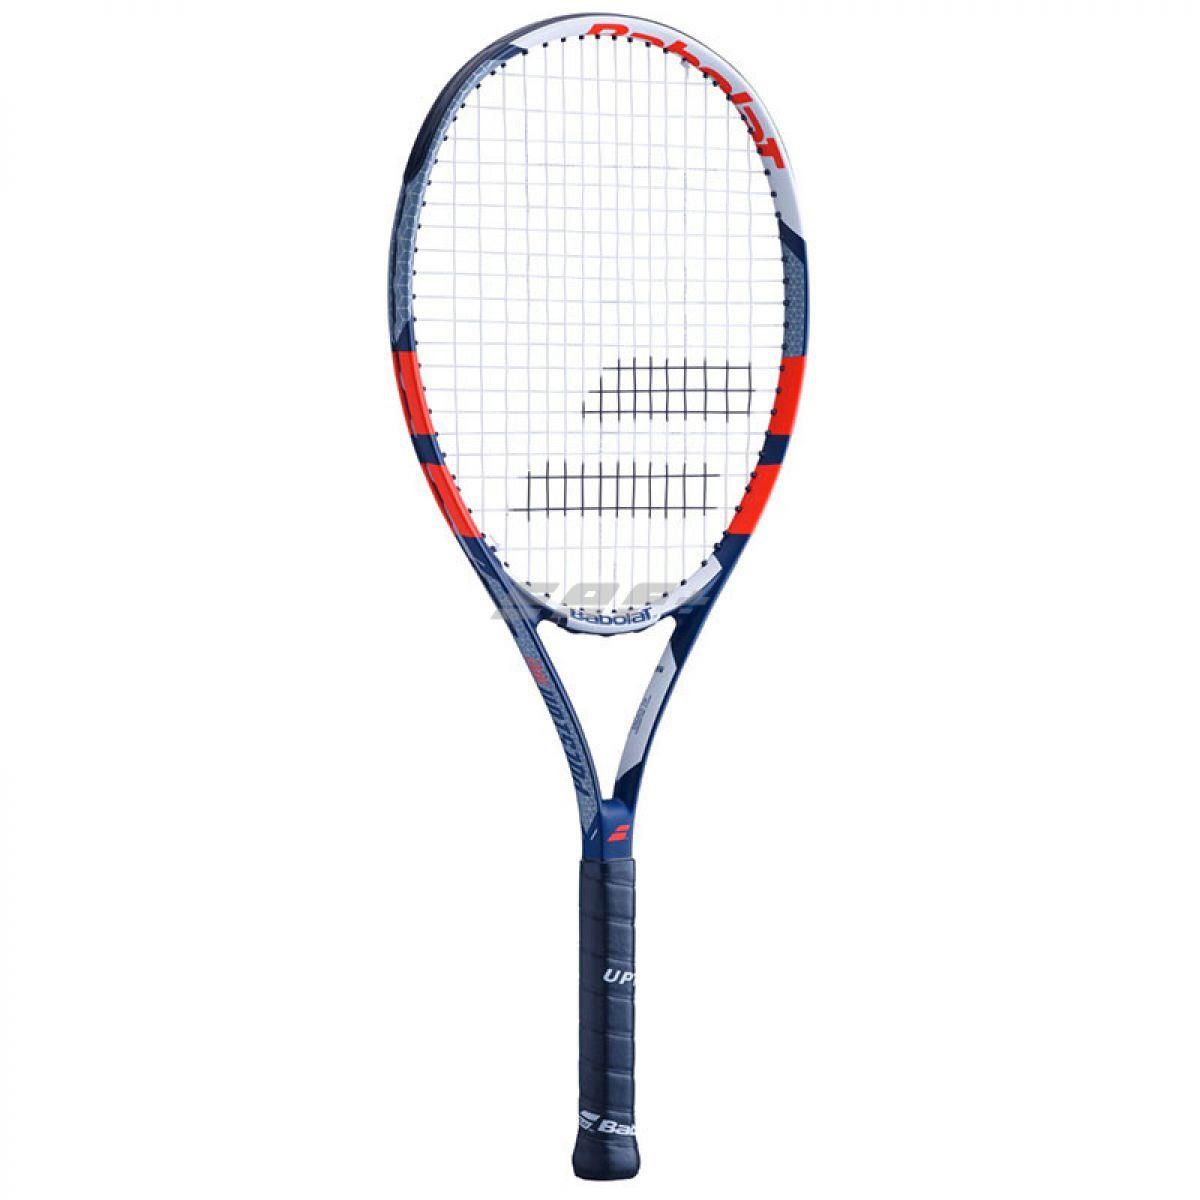 Ракетка теннисная Ракетка б/т BABOLAT Pulsion 105 Gr2, арт.121200-305, для любит., композит,со струн.,темносине-белый